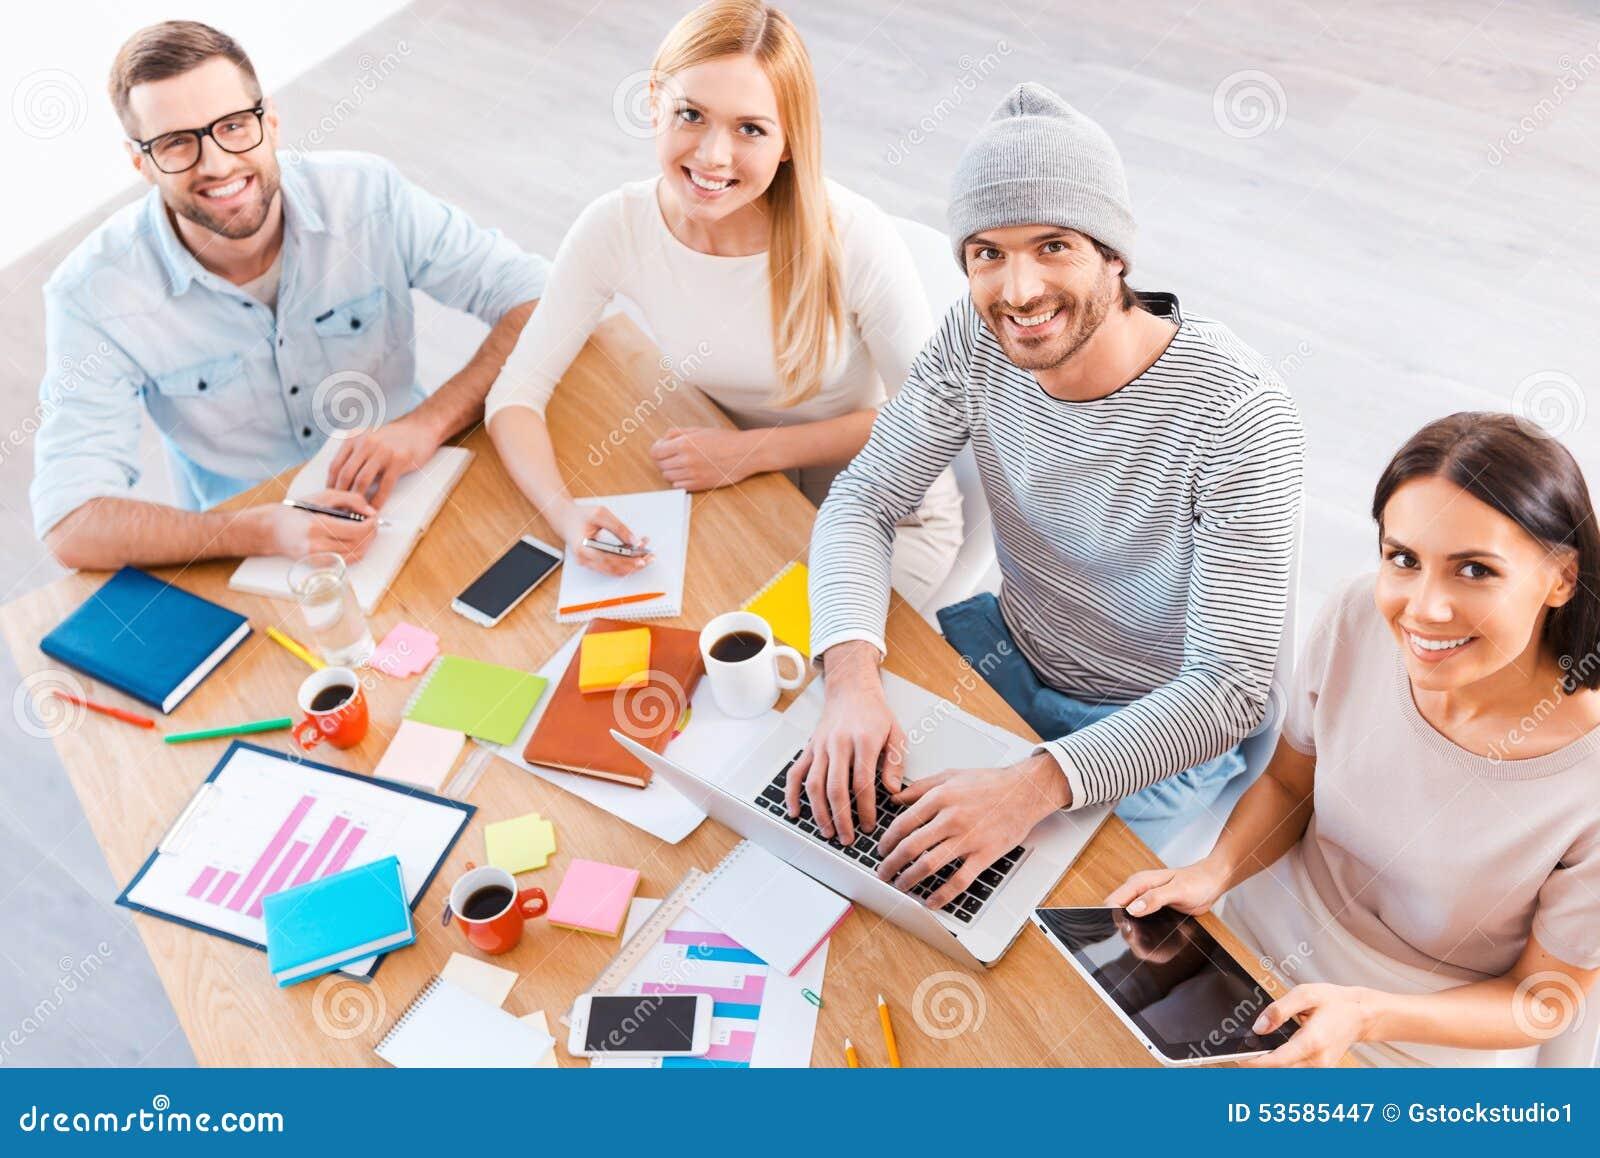 Kreative Arbeit Des Teams T Stockbild - Bild von computer, kaffee ...